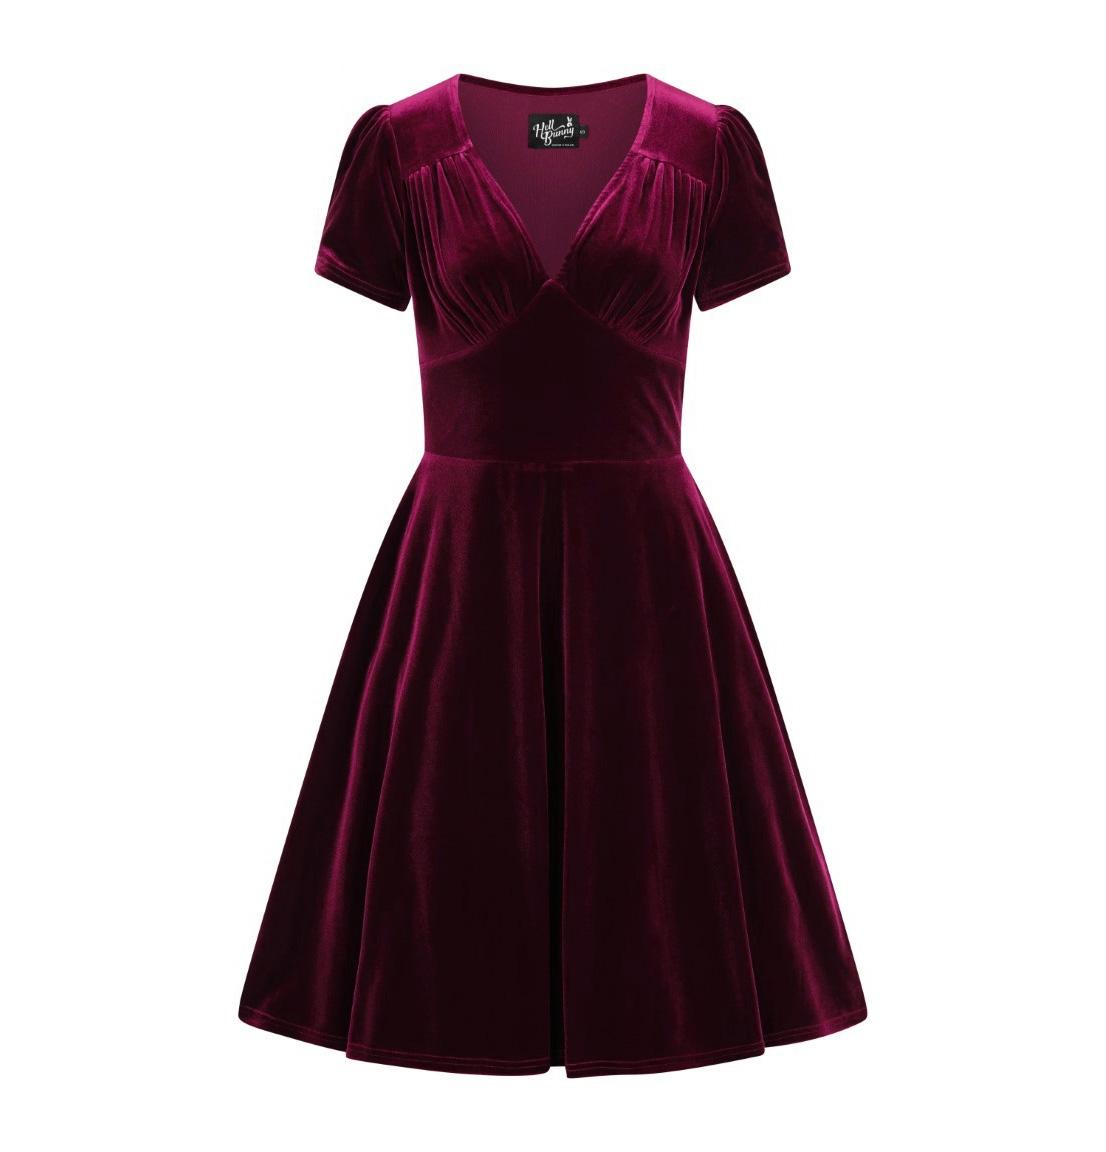 Hell-Bunny-40s-50s-Elegant-Pin-Up-Dress-JOANNE-Crushed-Velvet-Burgundy-All-Sizes thumbnail 29